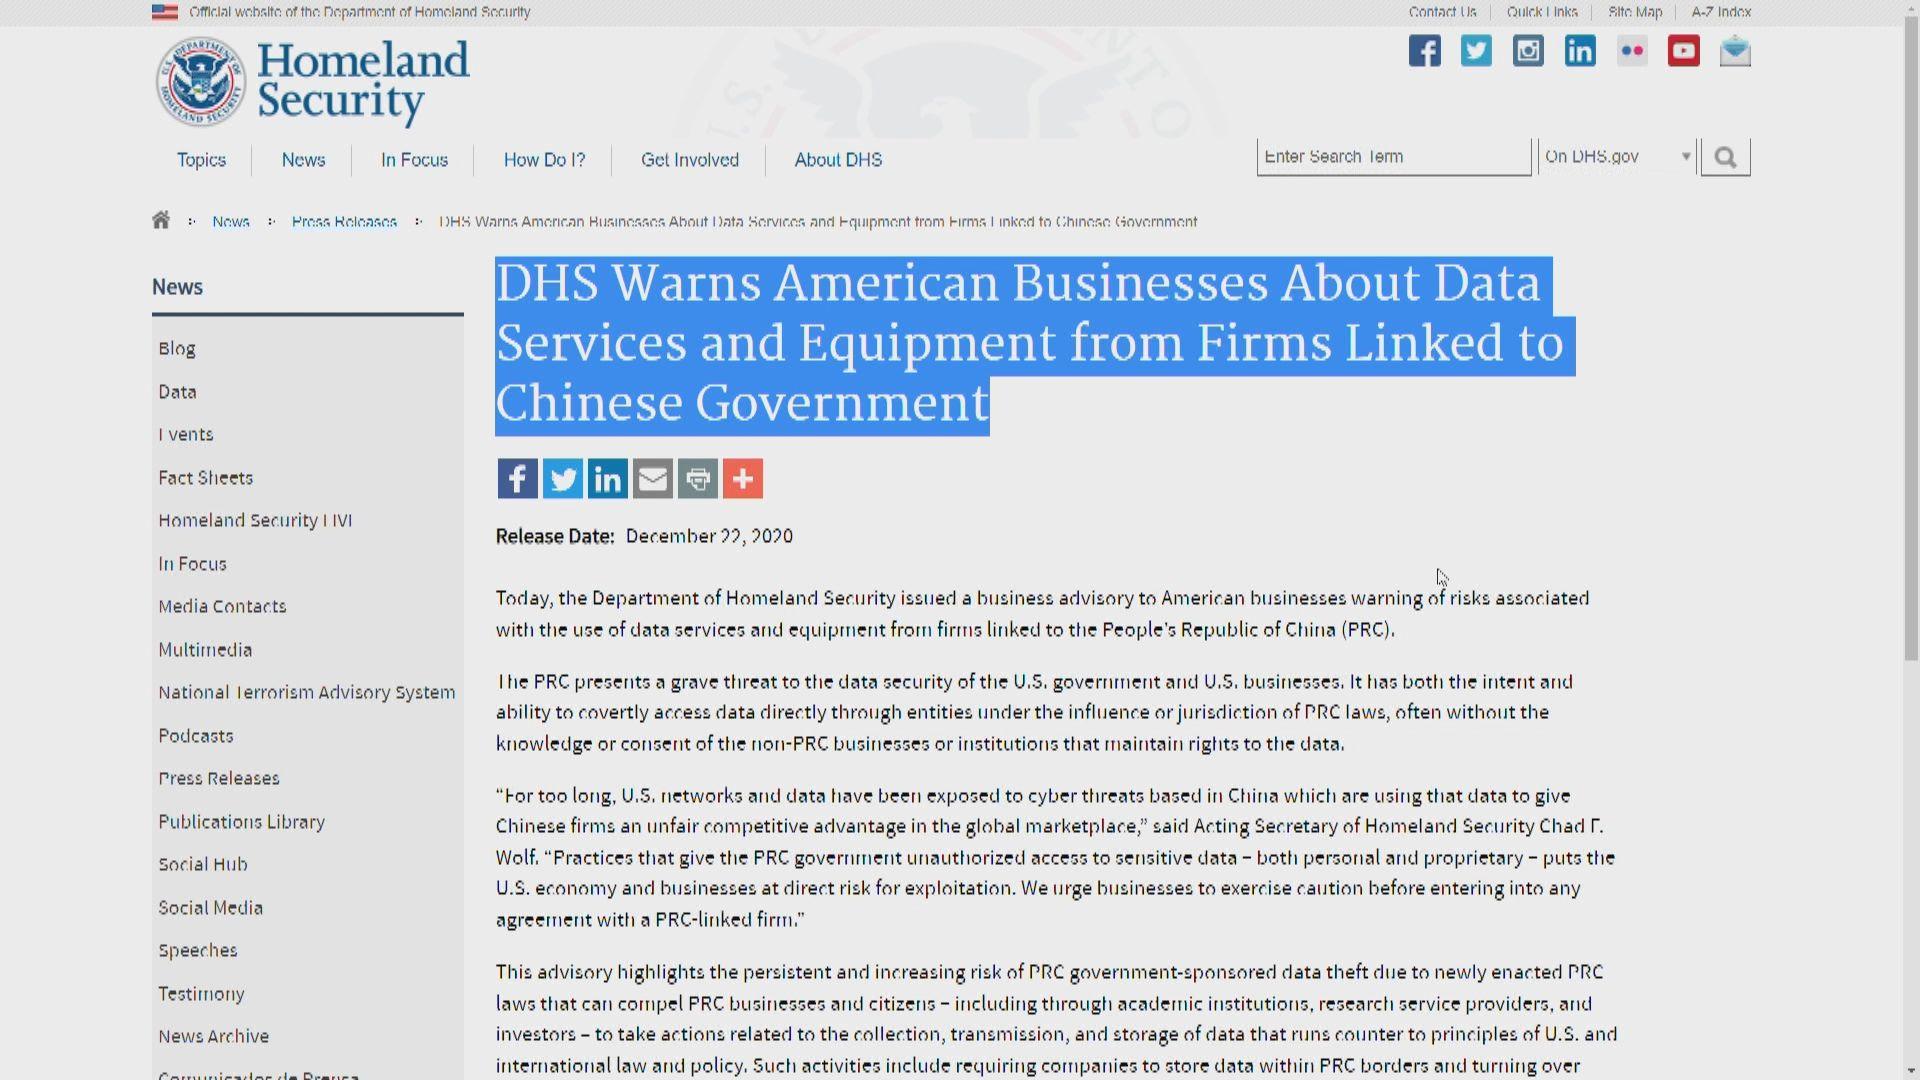 美國警告企業別使用中國相關數據服務